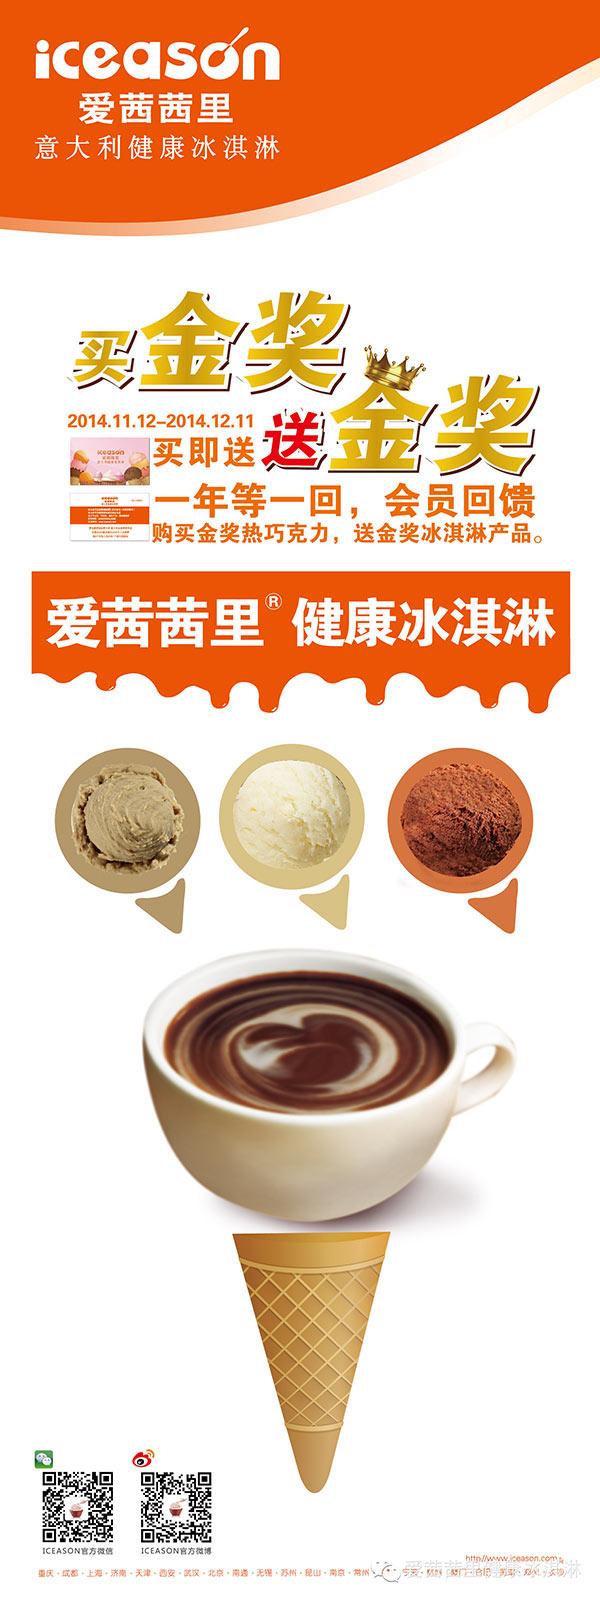 爱茜茜里优惠活动:购金奖热巧克力送金奖冰淇淋产品 有效期至:2014年12月11日 www.5ikfc.com